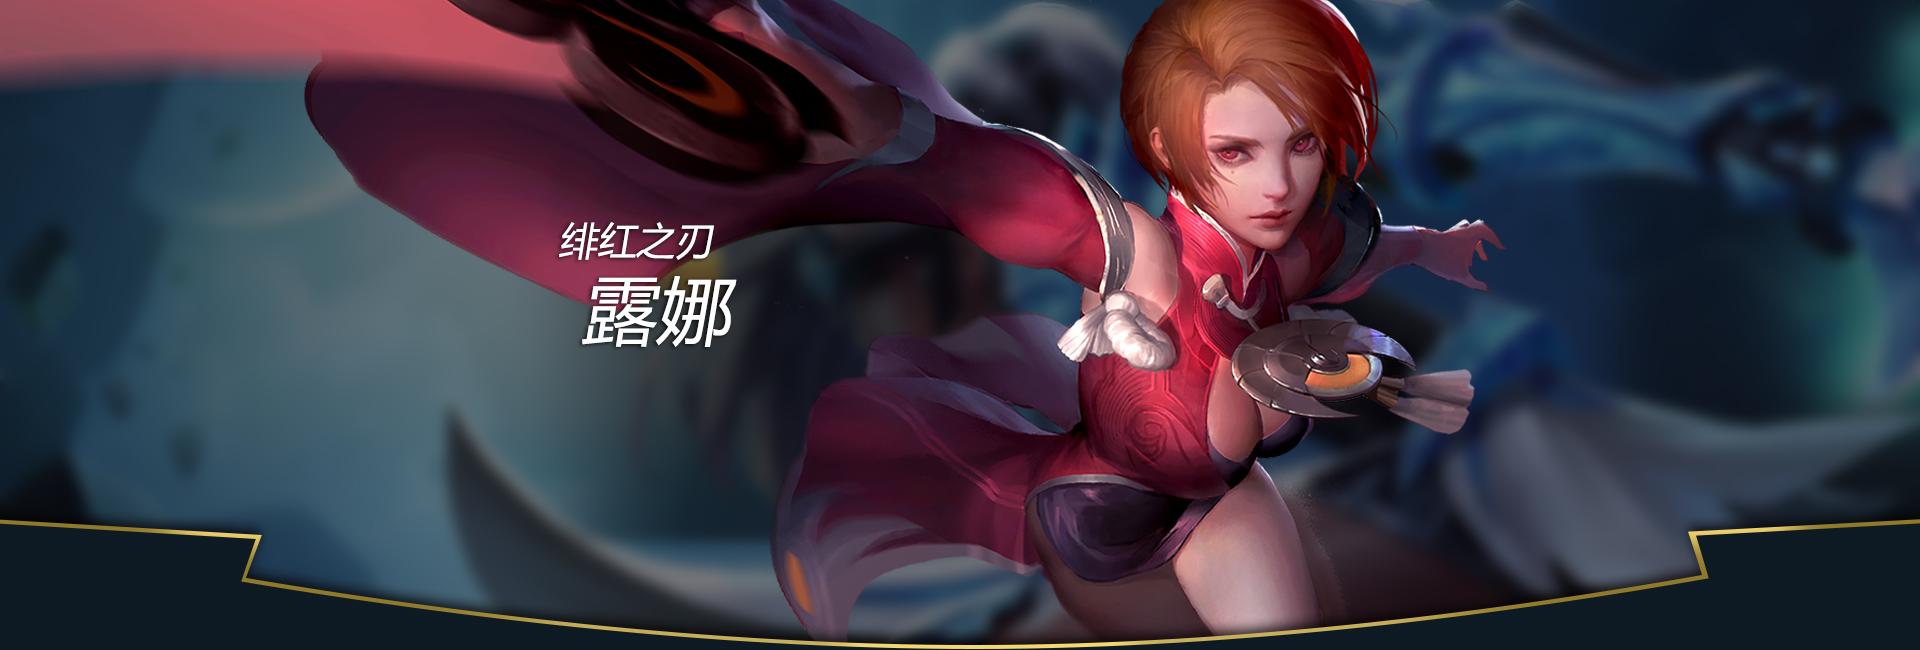 第2弹《王者荣耀英雄皮肤CG》竞技游戏70